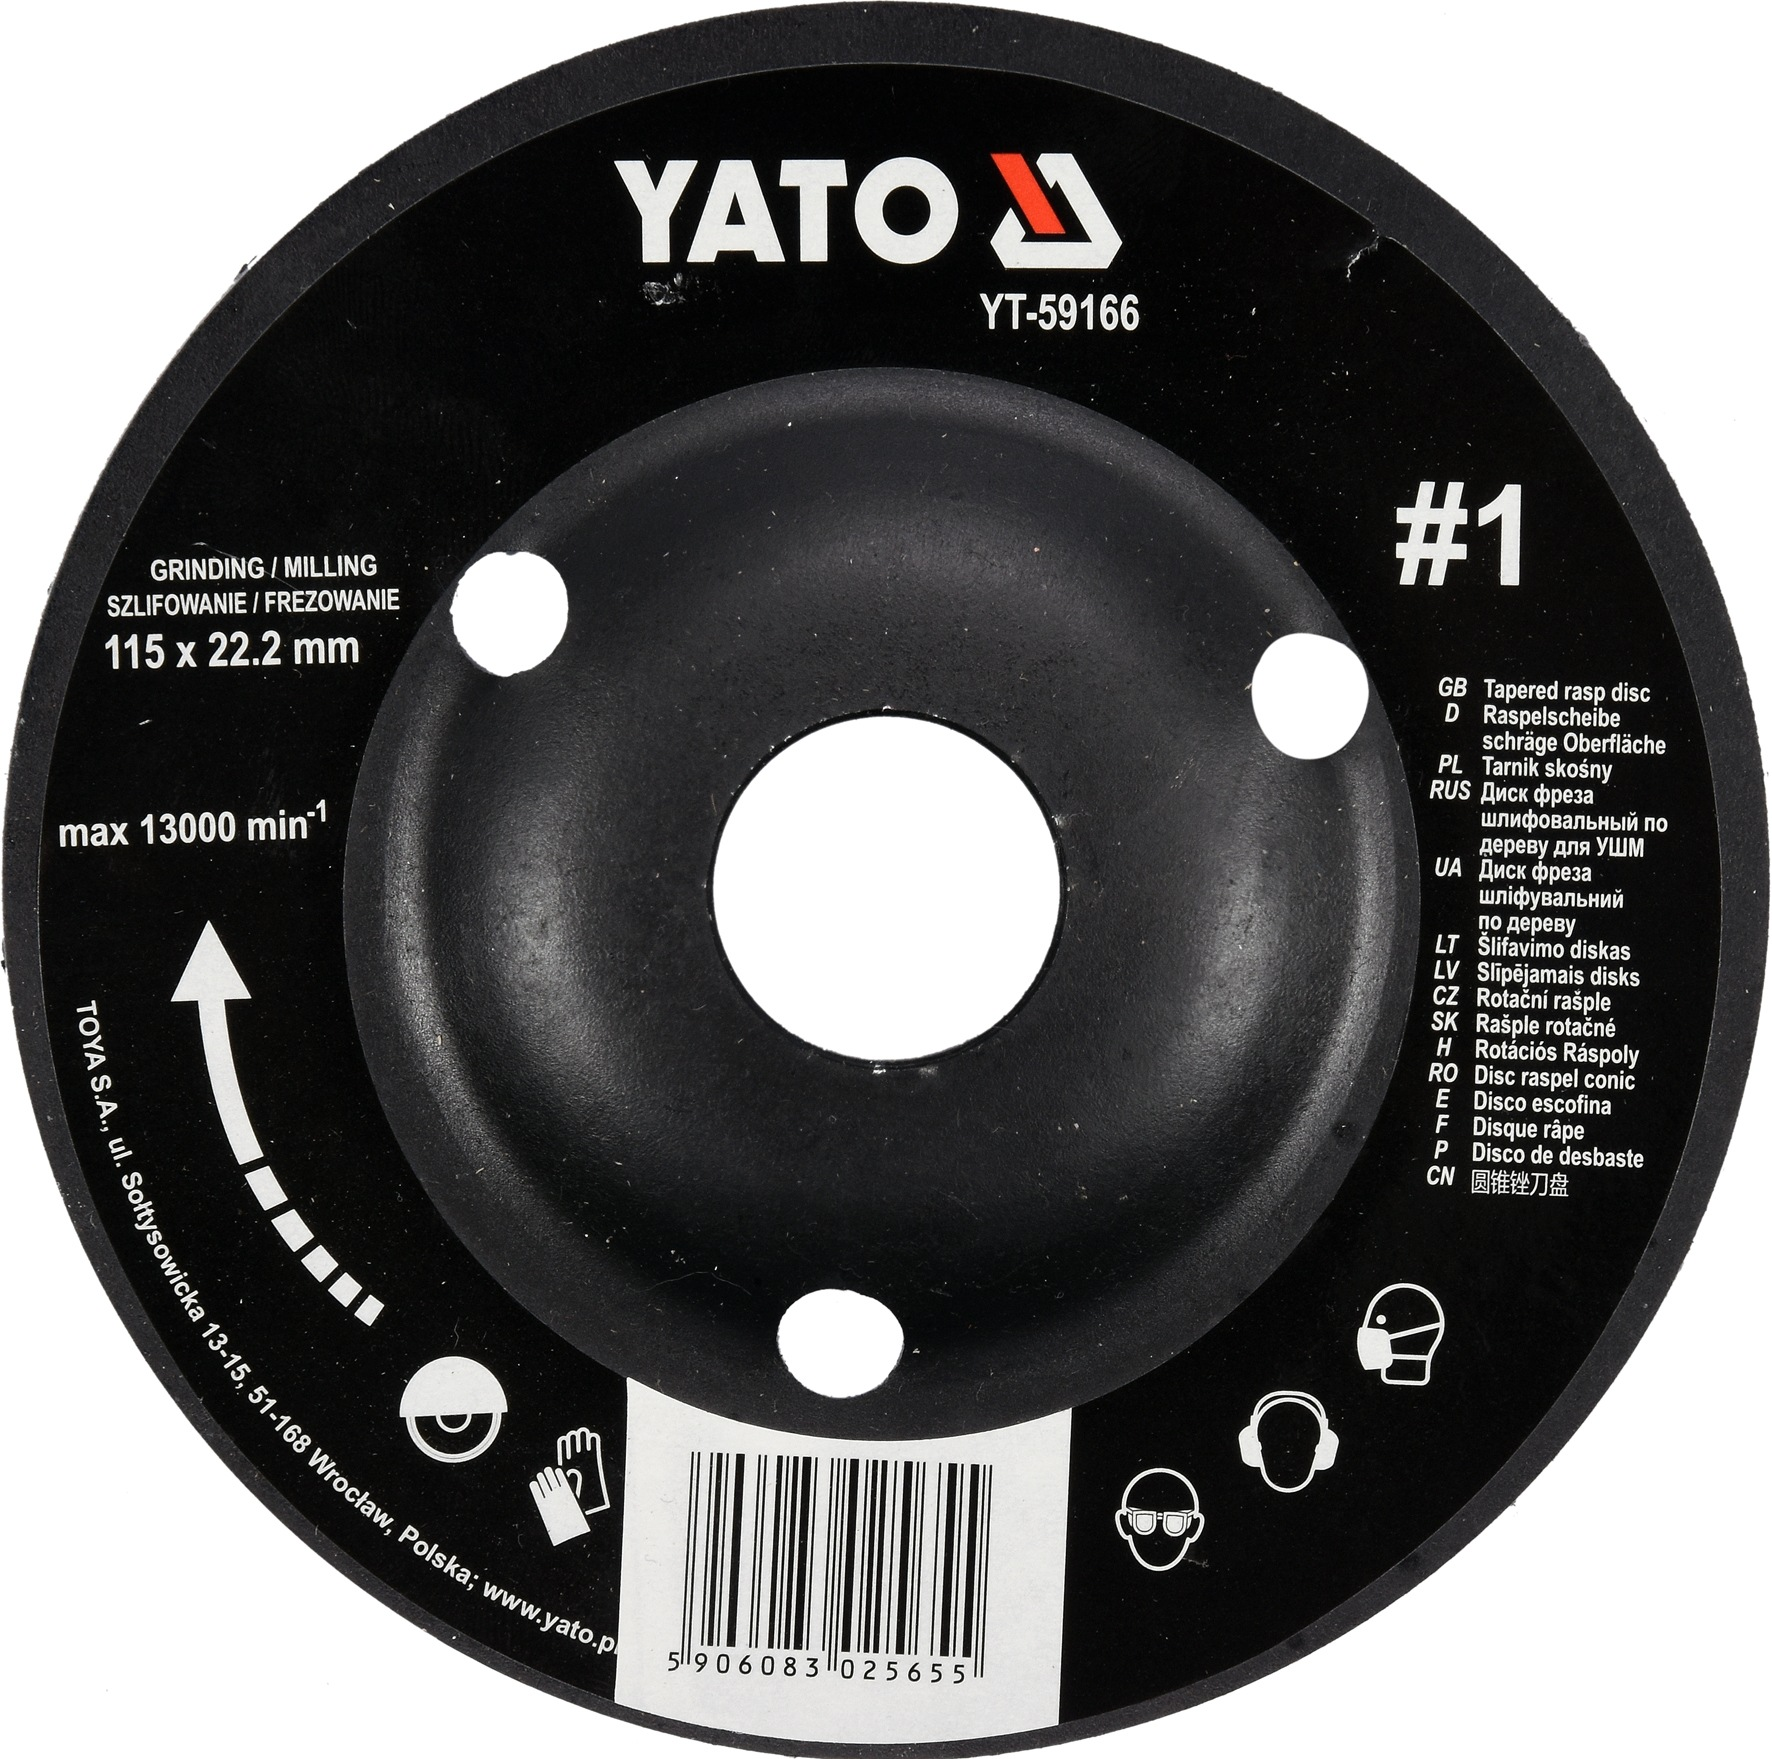 Rotační rašple úhlová hrubá 115 mm typ 1